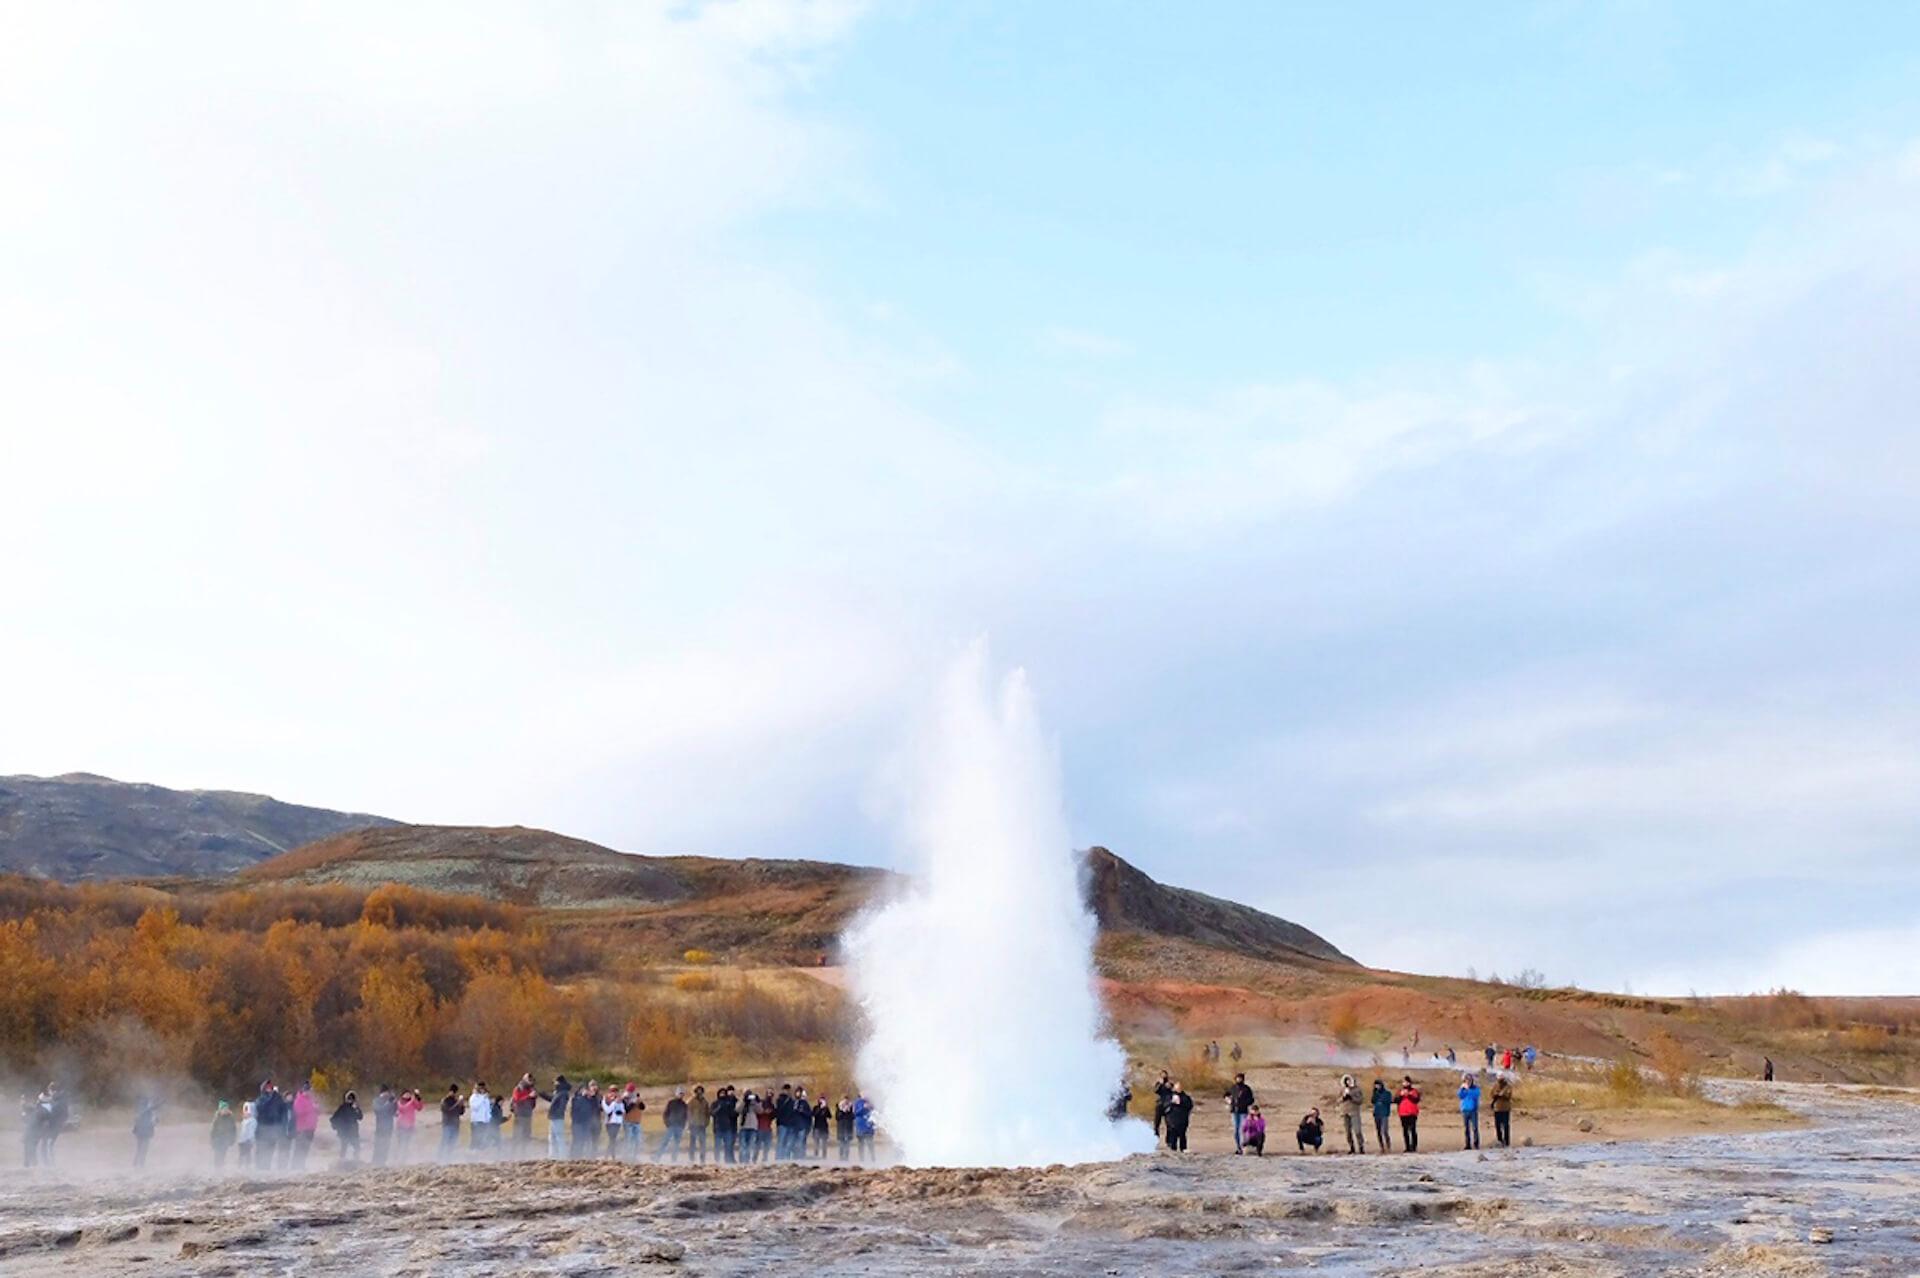 シガー・ロスやビョークの音楽が生まれた地へ。モデル・武智志穂のアイスランド旅行記 art191202_takechishiho_5